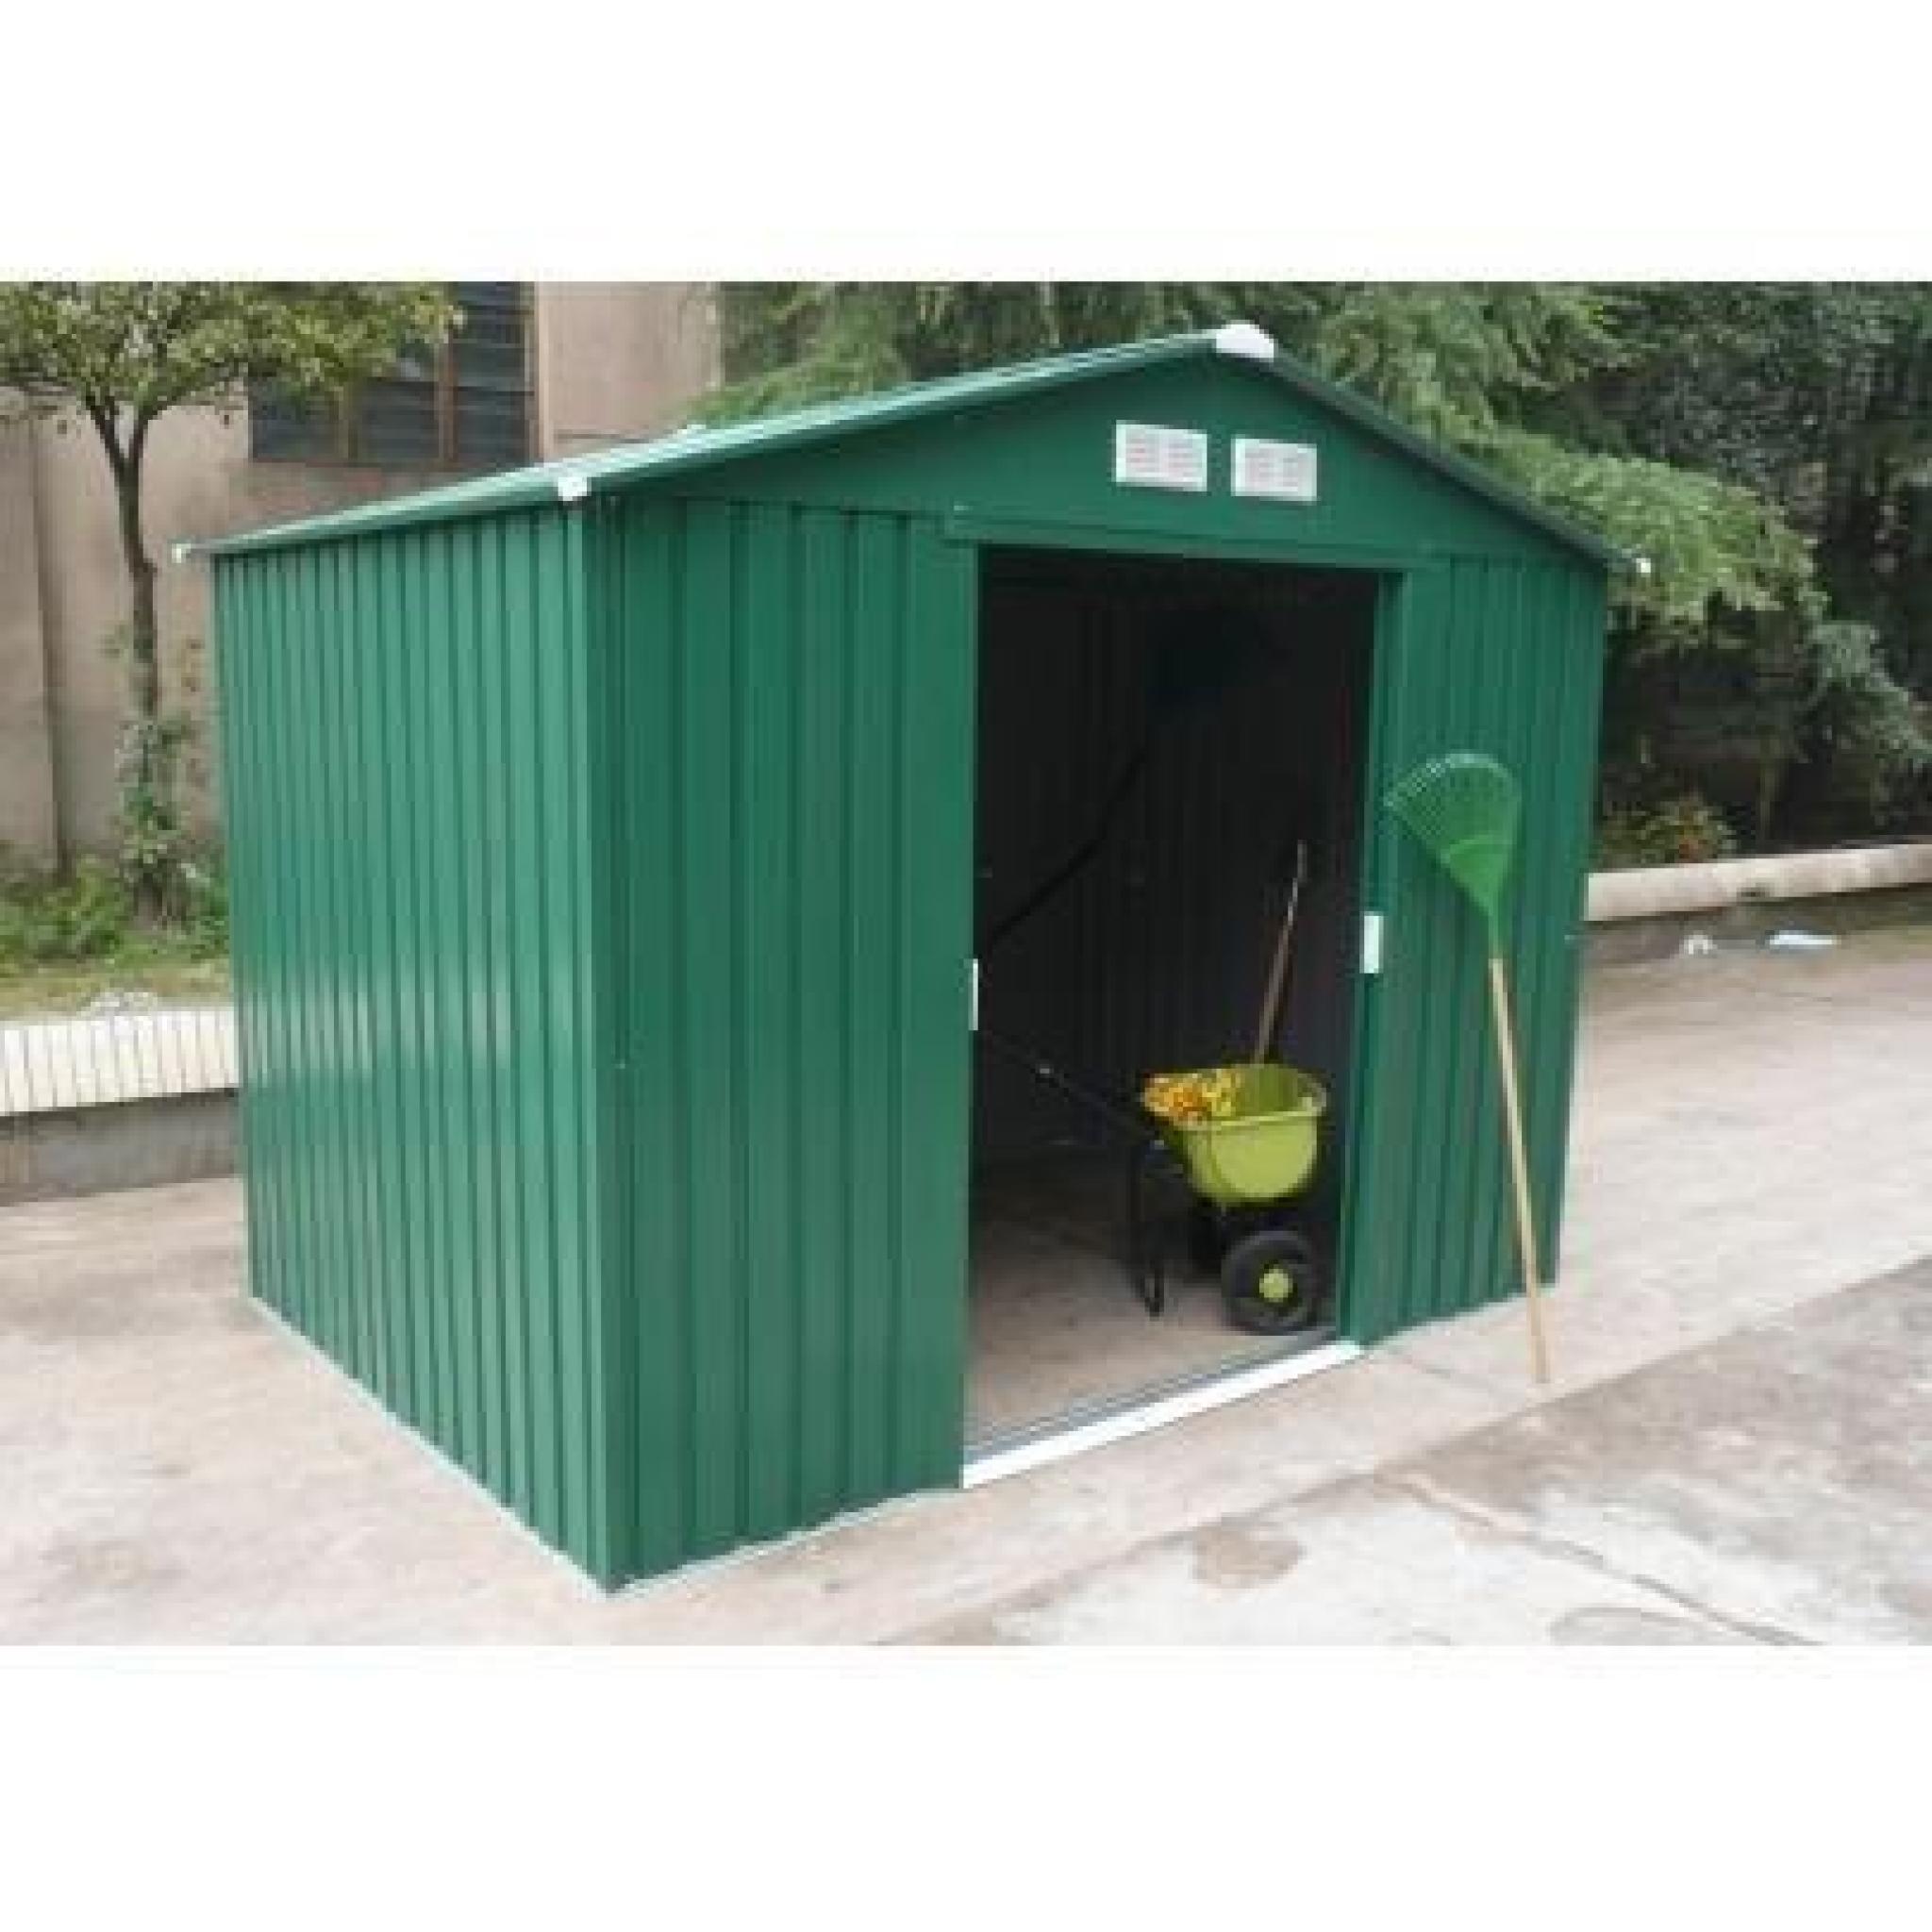 Abri De Jardin En Acier Galvanisé Kiosko - 5.9M² pour Abris De Jardin Metal Pas Cher